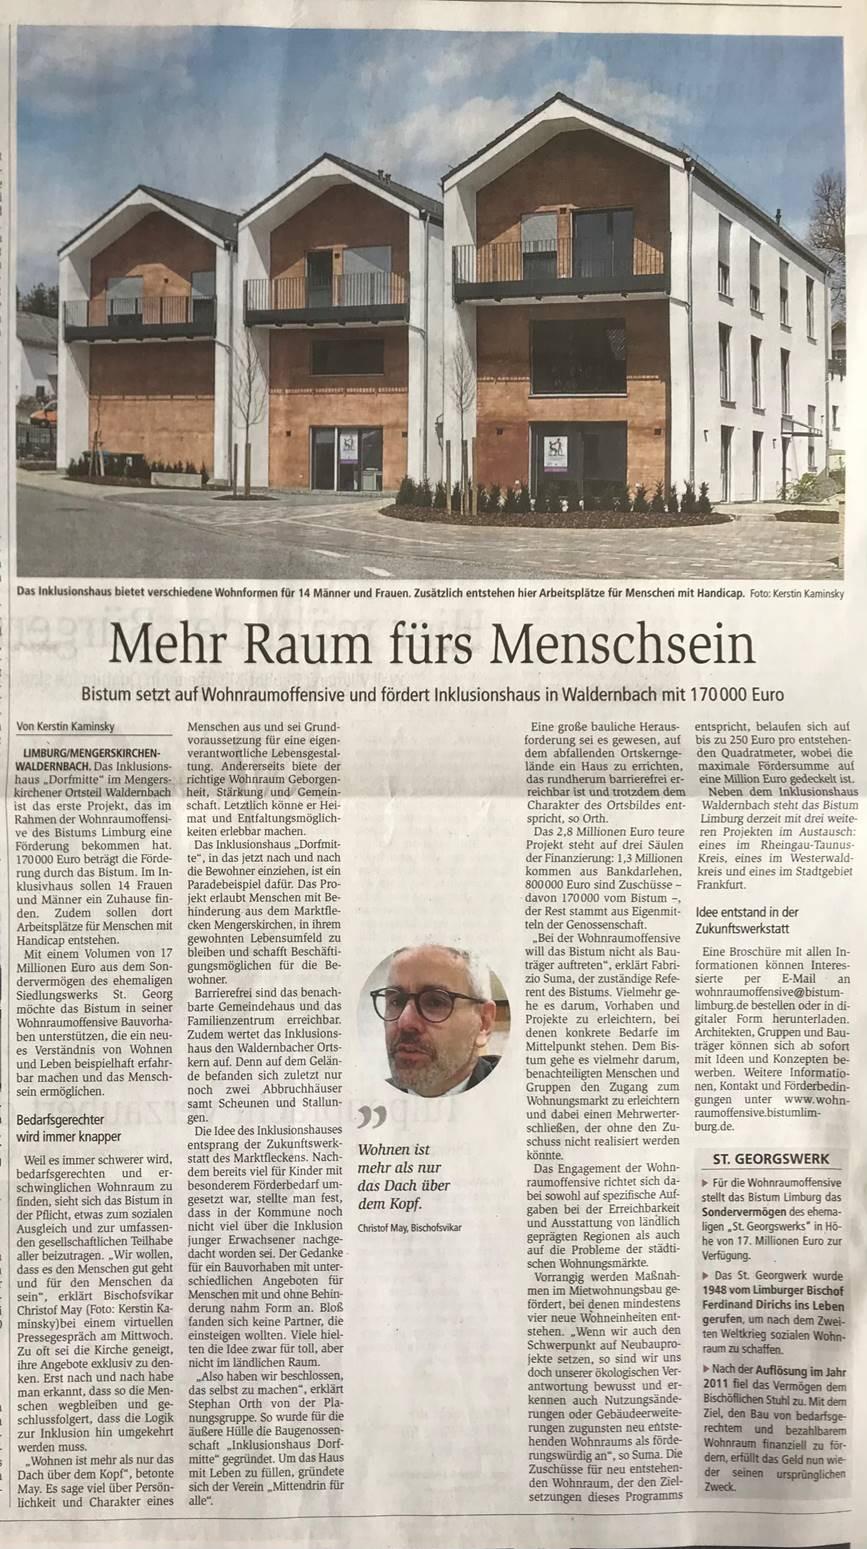 Das Inklusionshaus in Waldernbach erhält eine Zuwendung des Bistums Limburg in Höhe von 170.000 Euro